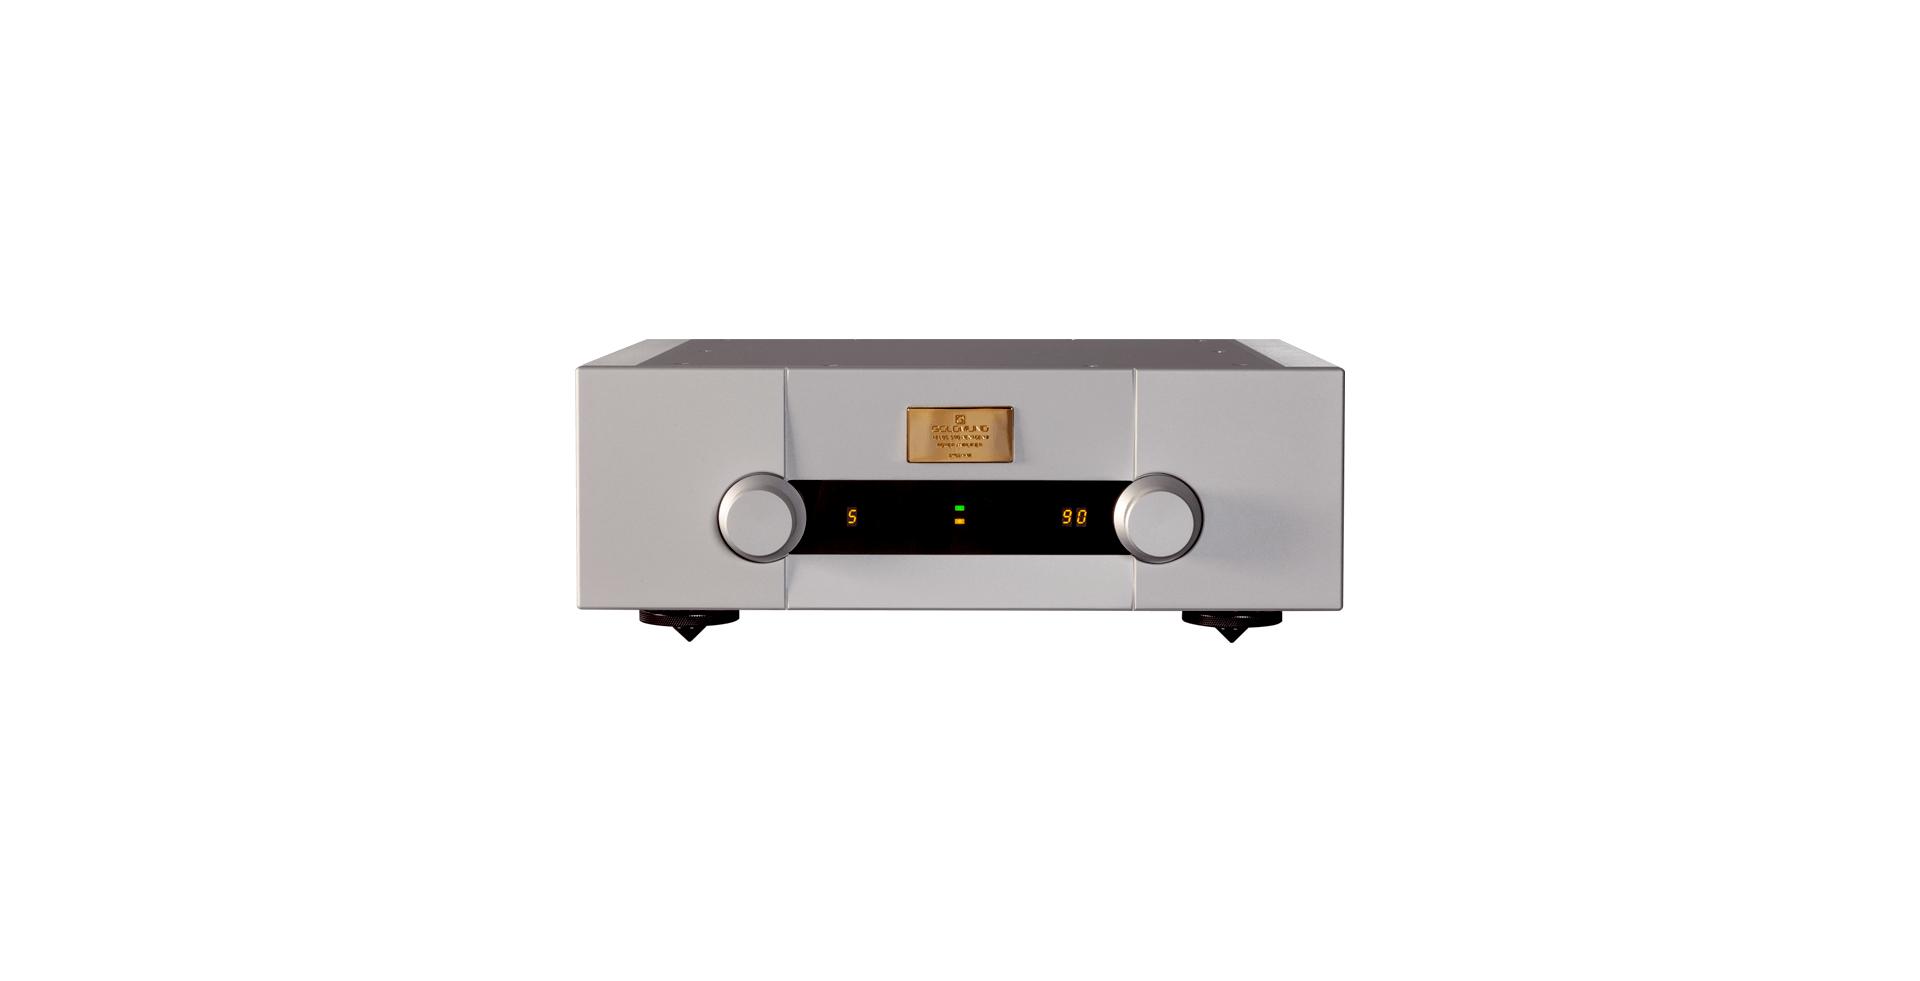 Telos 590 Nextgen II amplifier stereo